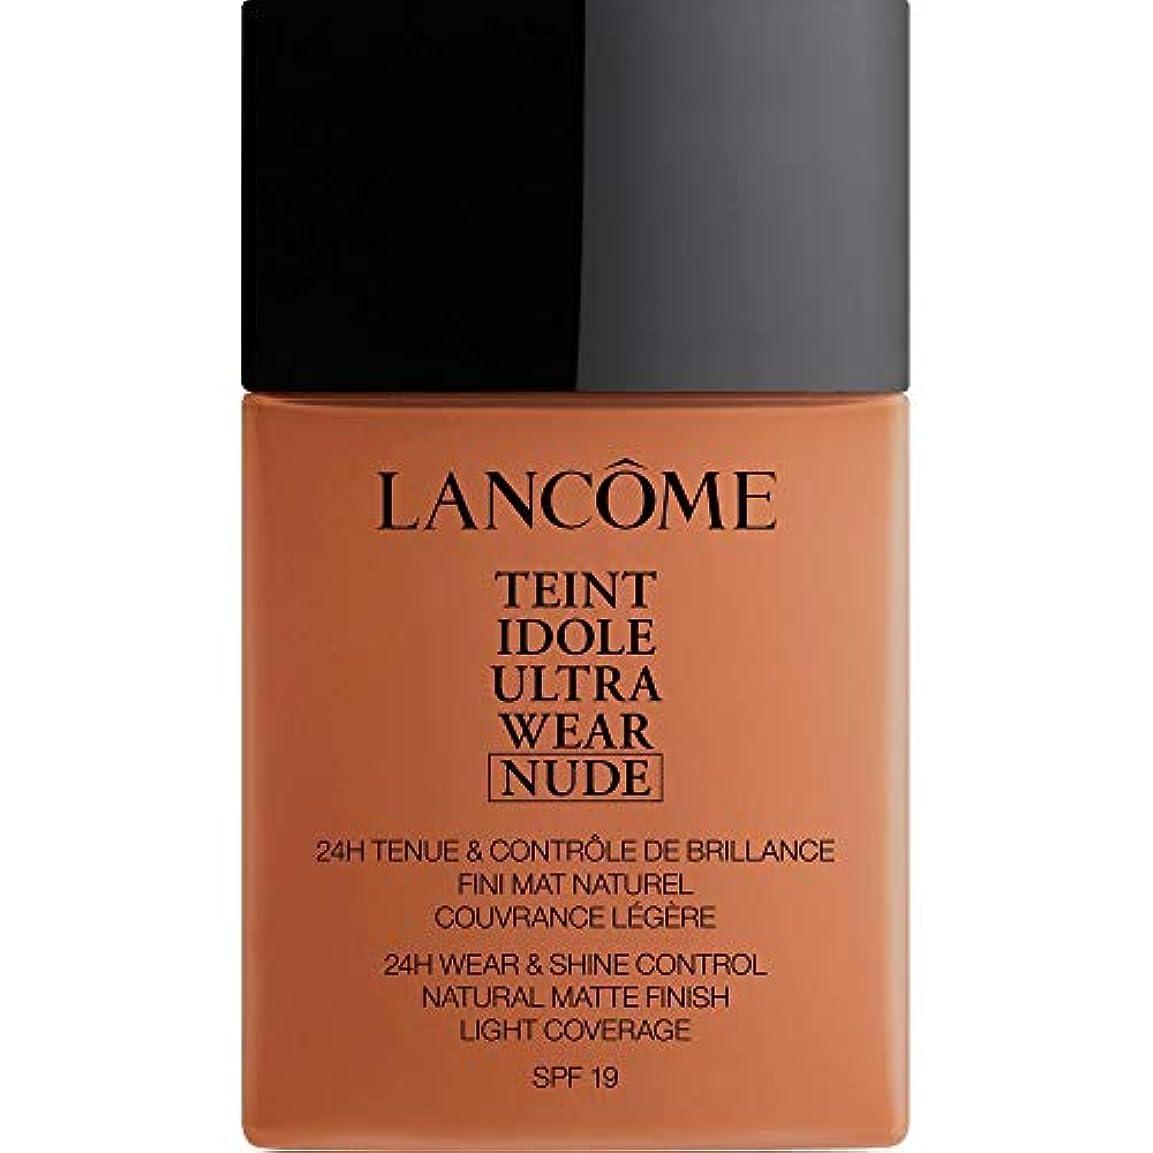 全くキッチンテスピアン[Lanc?me ] アカジュー - ランコムTeintのIdoleは、超ヌード基礎Spf19の40ミリリットル10.1を着用します - Lancome Teint Idole Ultra Wear Nude Foundation...